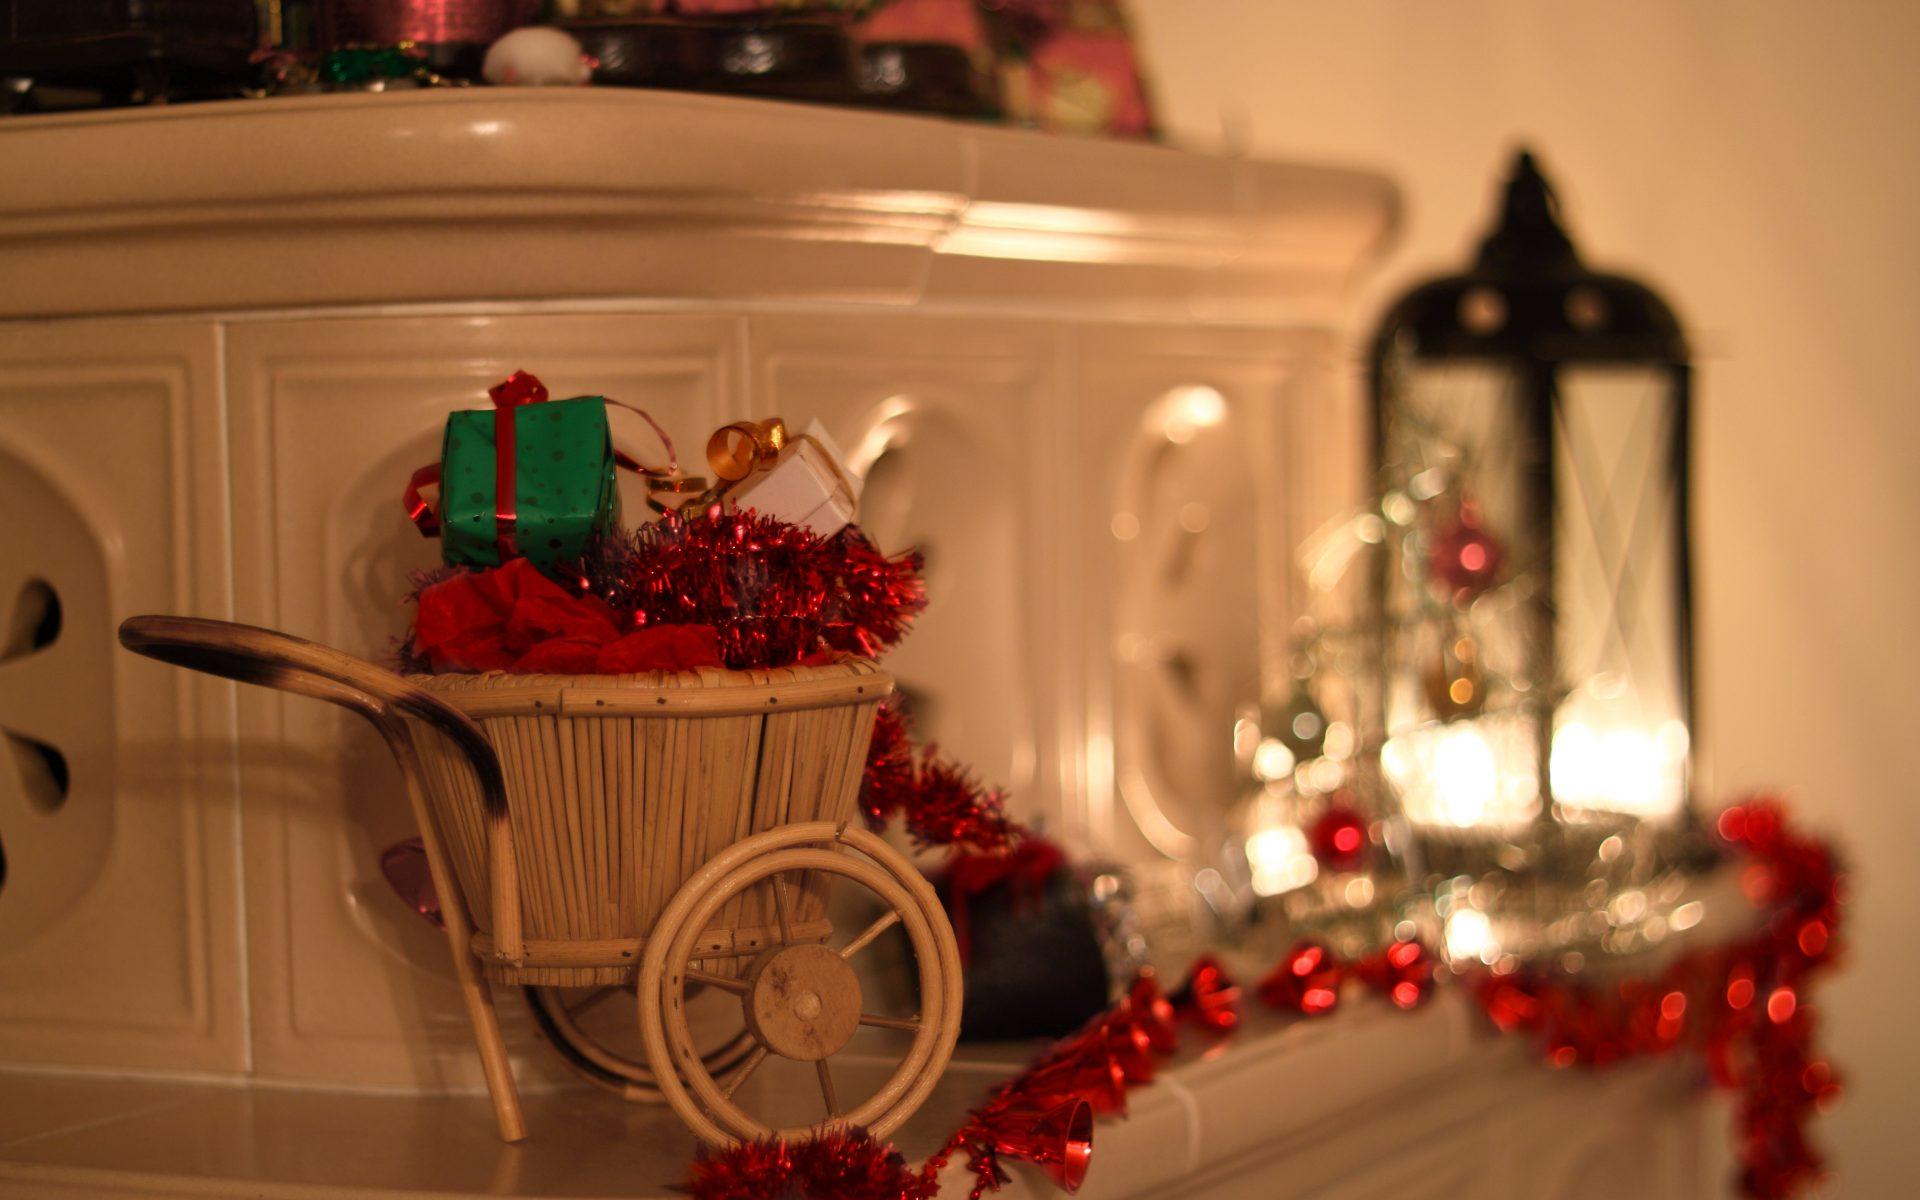 Regali Originali Di Natale.Regali Di Natale Le Idee Regalo Piu Originali Le Trovi Nella Boutique